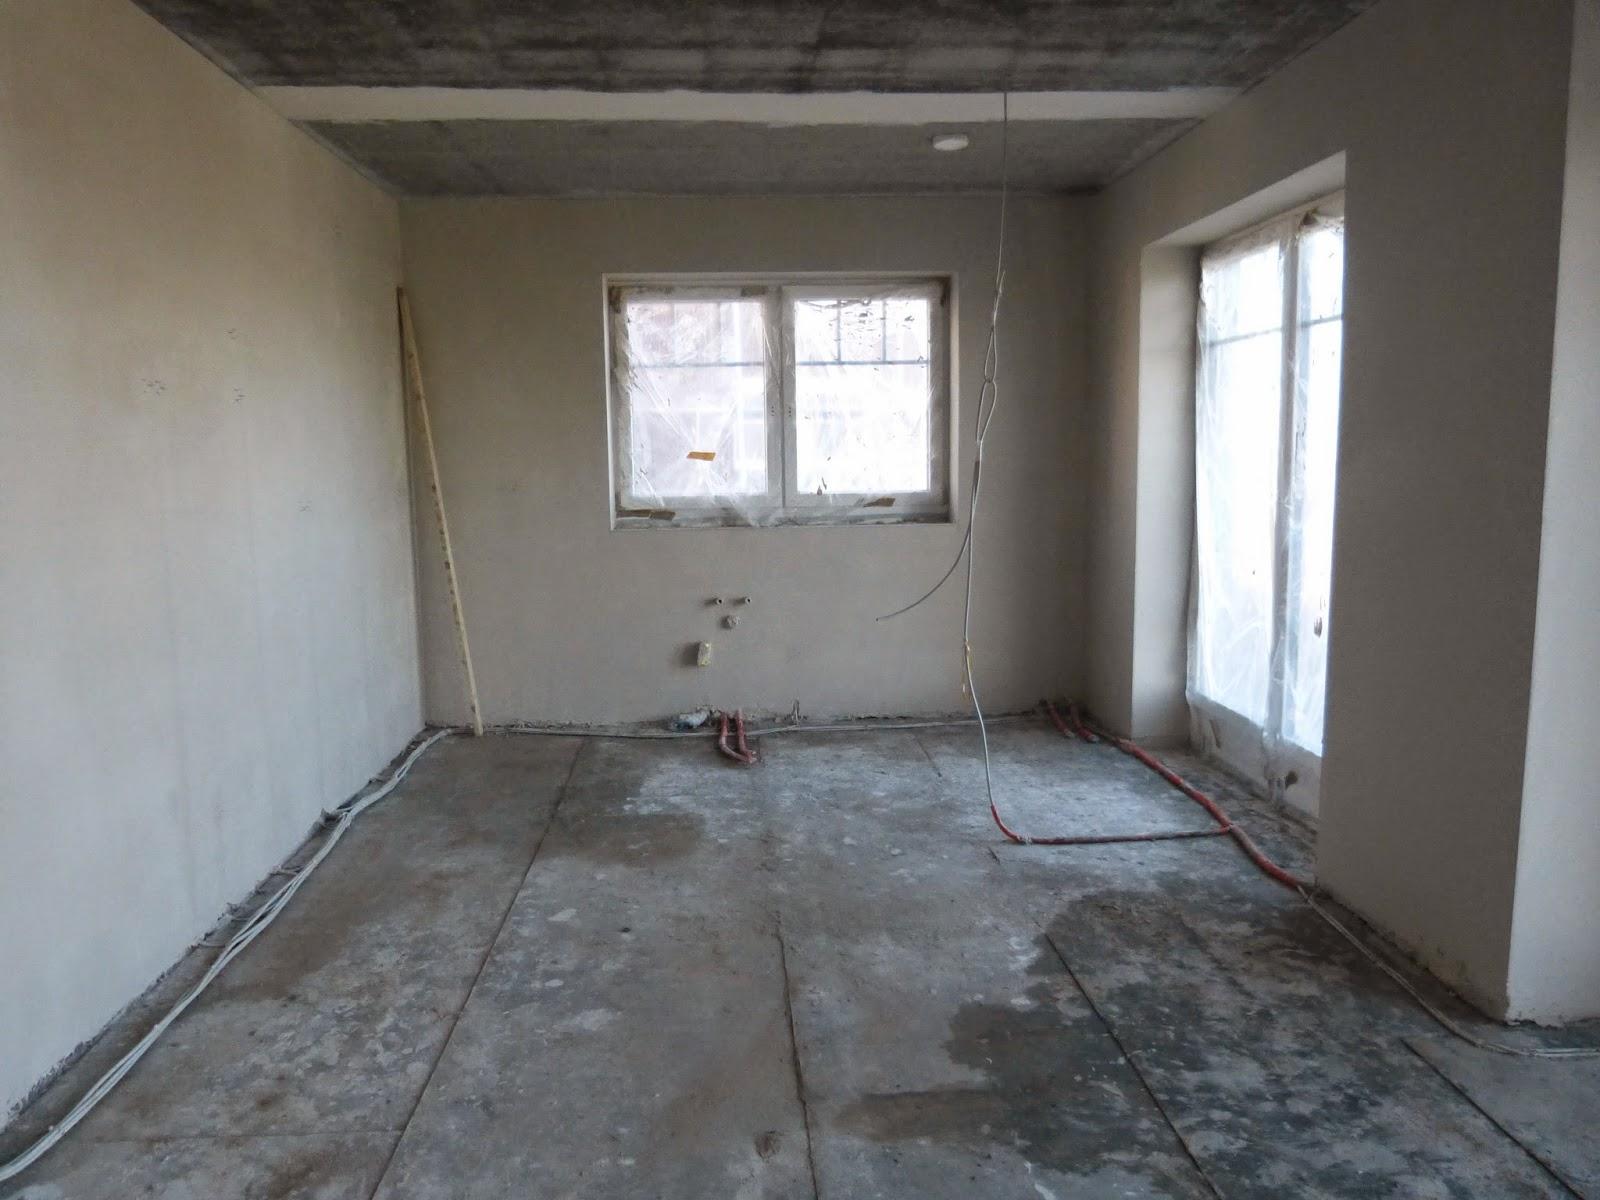 pebbles und bambam bauen ein haus ger st weg und putzer fast fertig. Black Bedroom Furniture Sets. Home Design Ideas